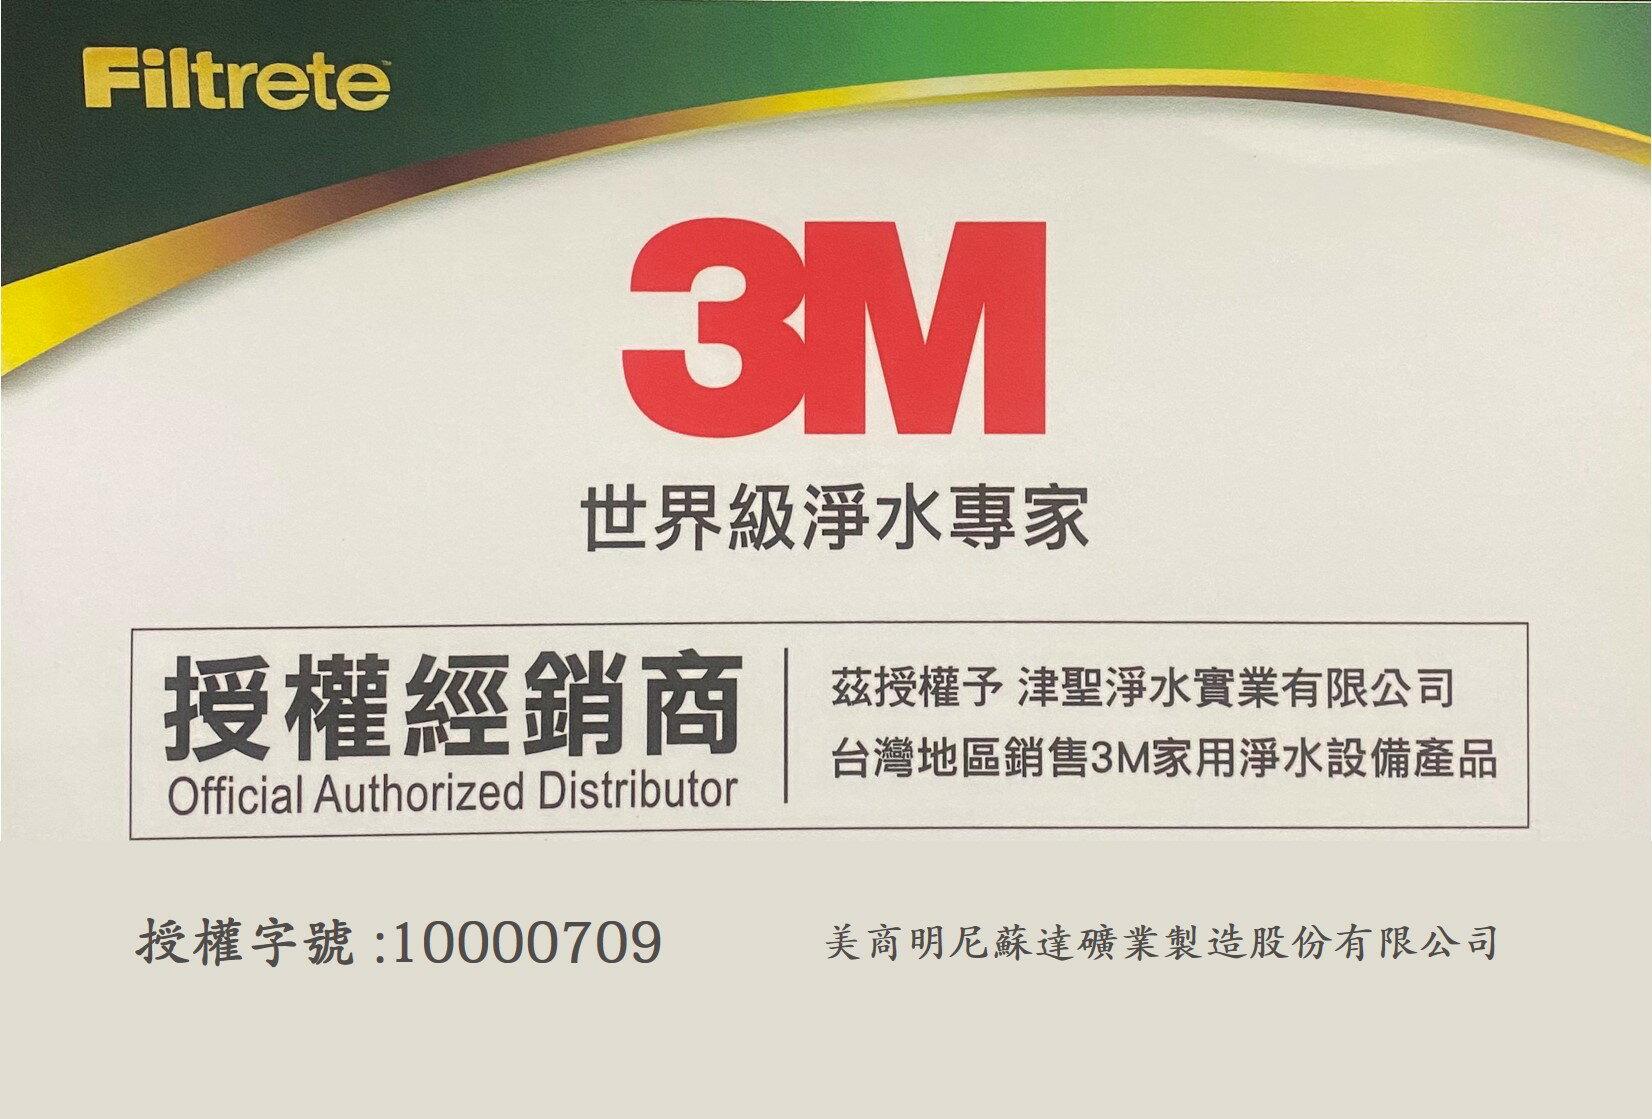 【津聖】3M F3-400-TR1 直出式逆滲透膜濾心(同R8-TL)【買一支濾心也歡迎詢問】【LINE ID: s099099】